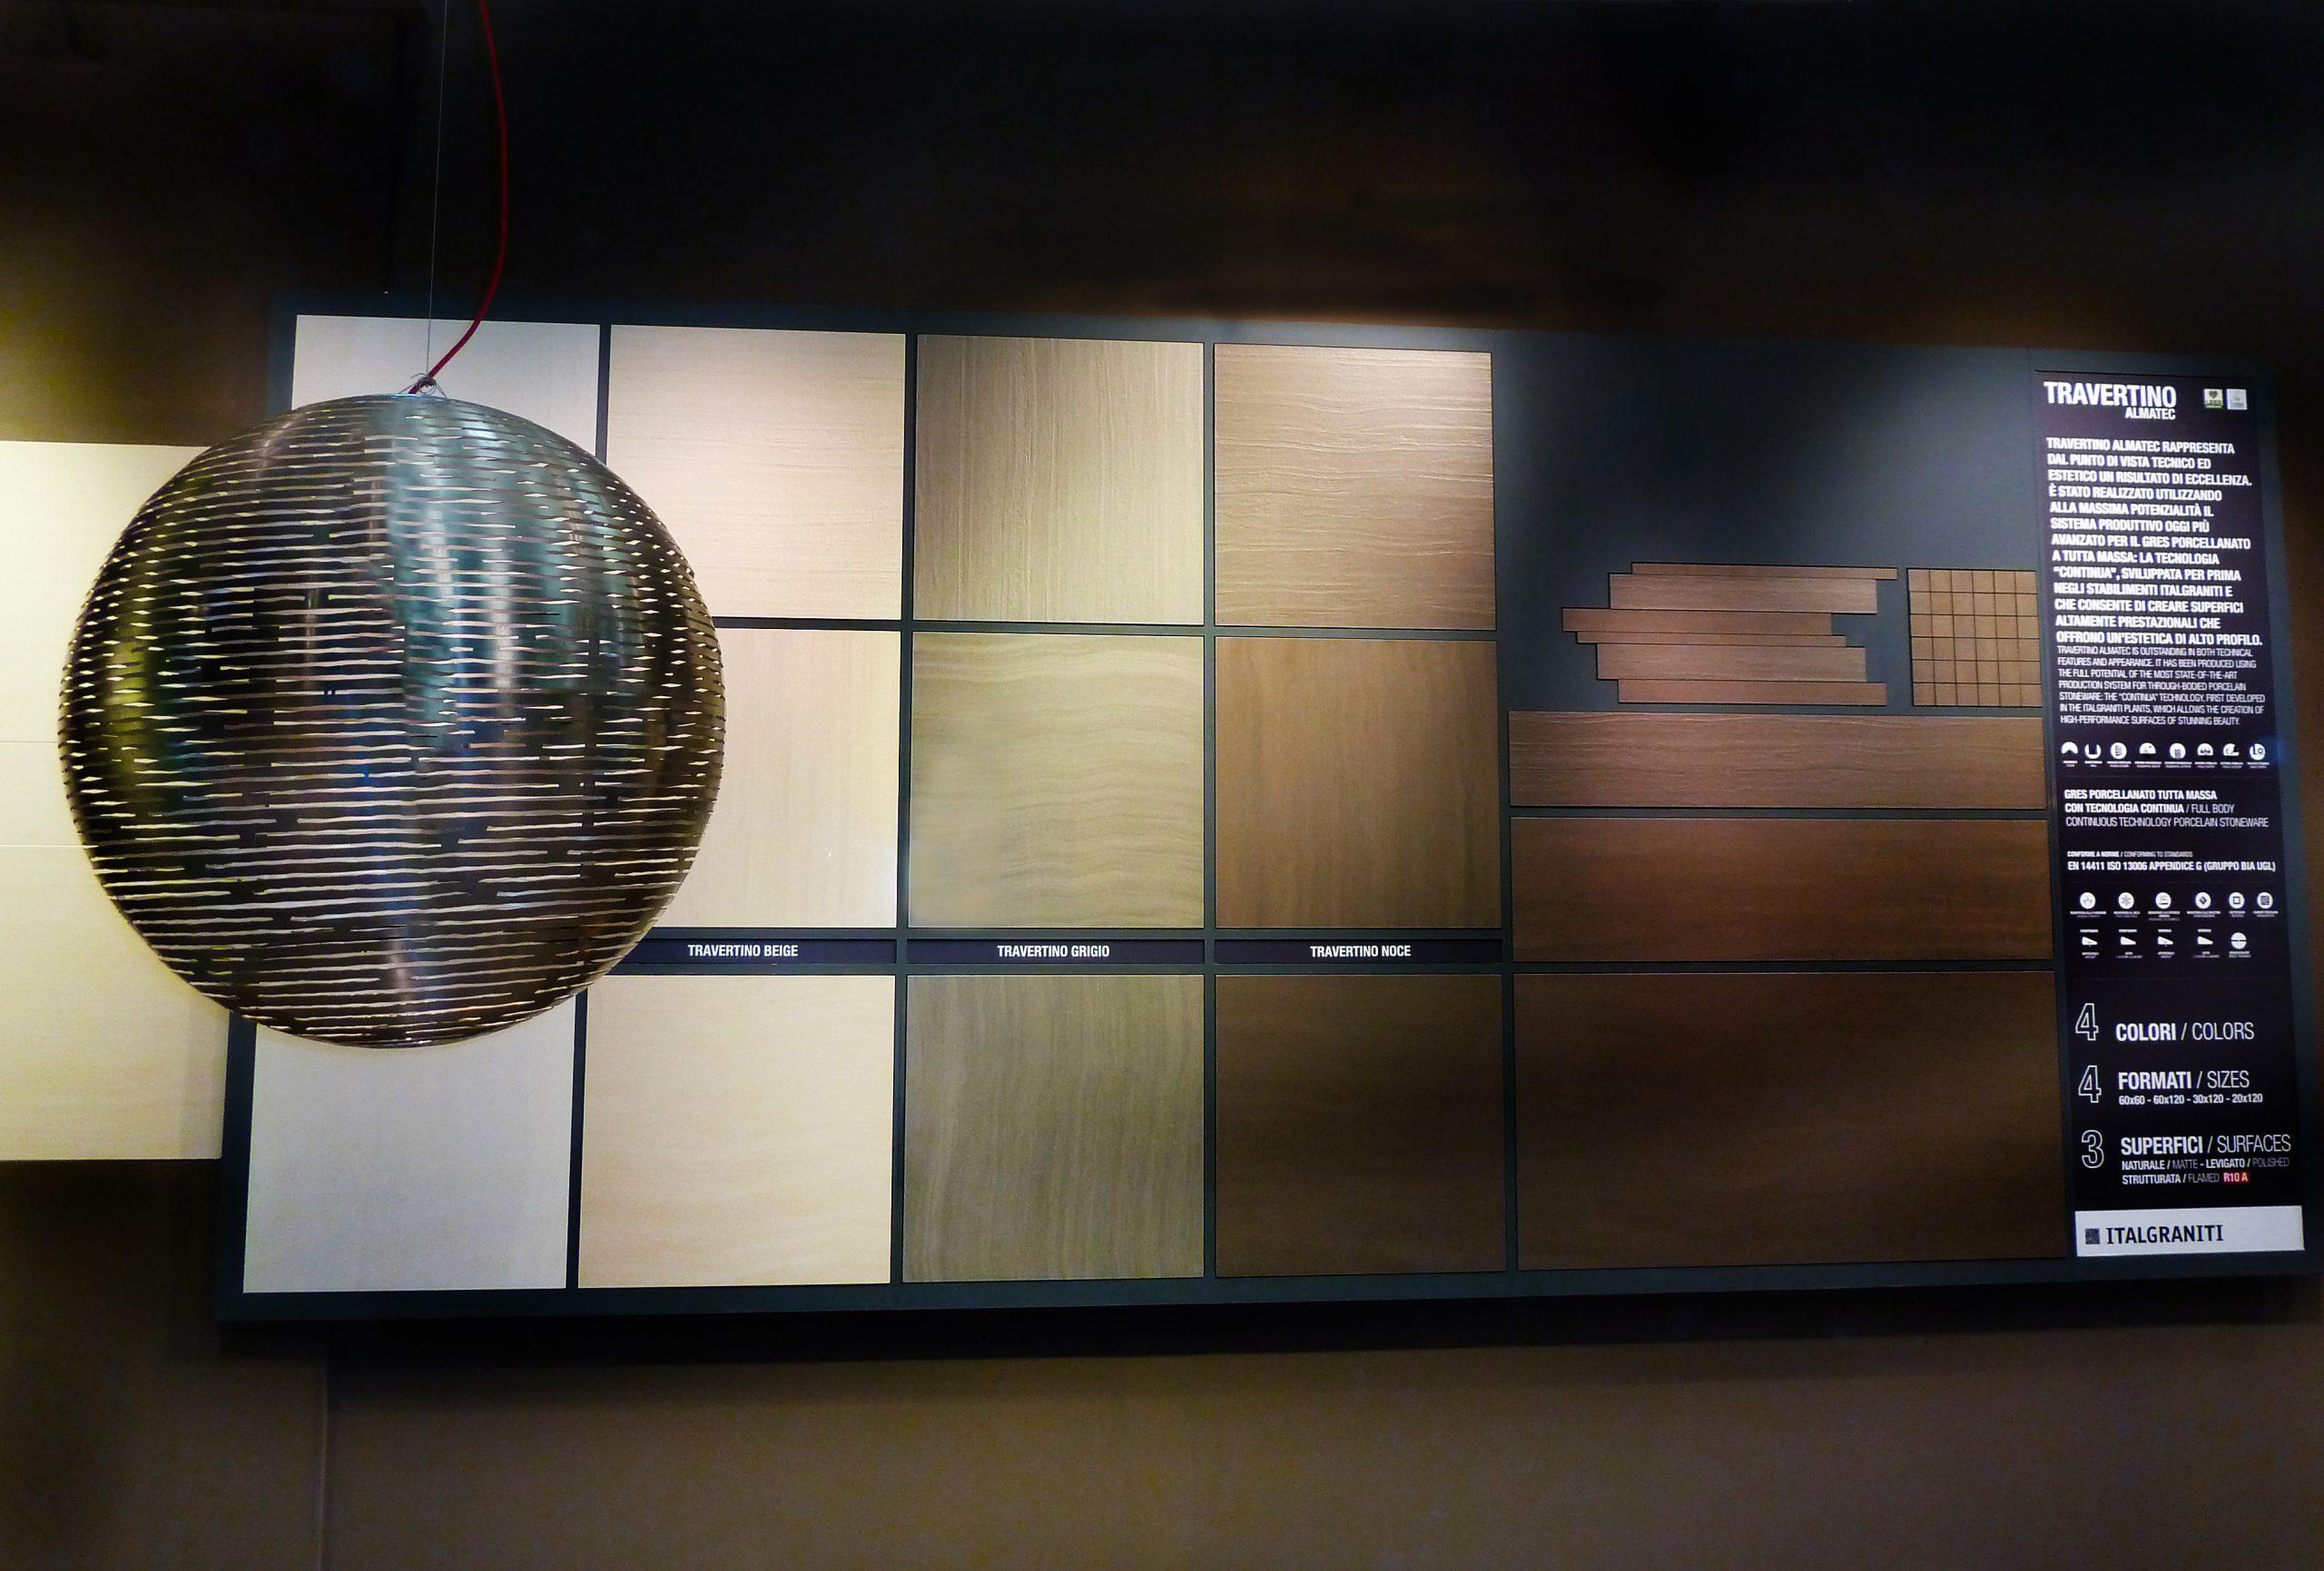 Pannelli fotografici per allestimento grafico